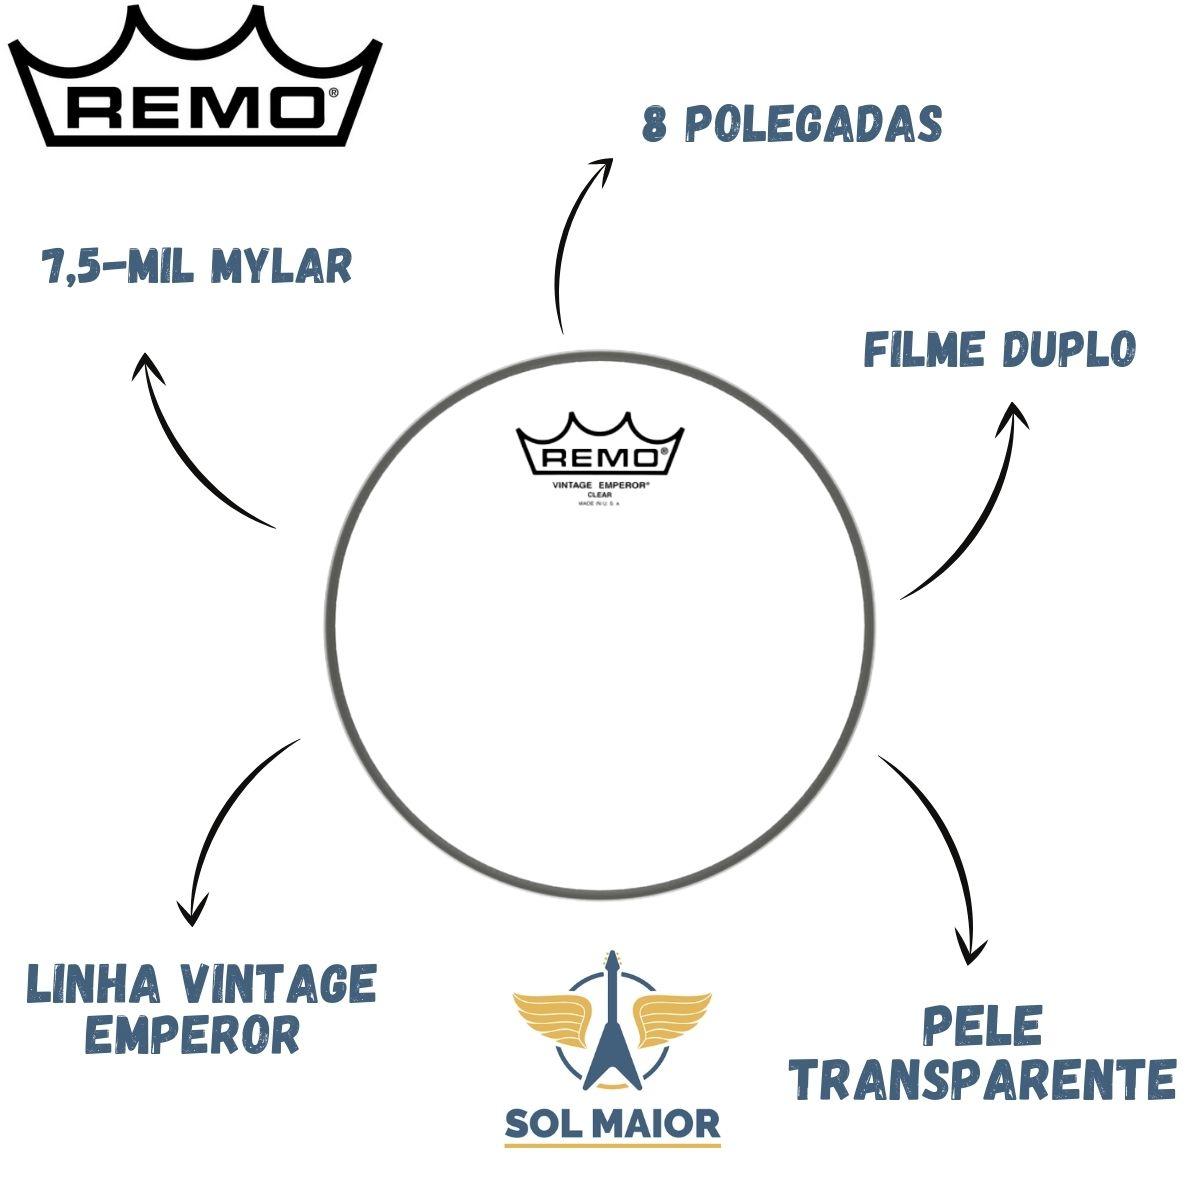 Pele Remo 8 Polegadas Vintage Emperor Transparente VE-0308-00